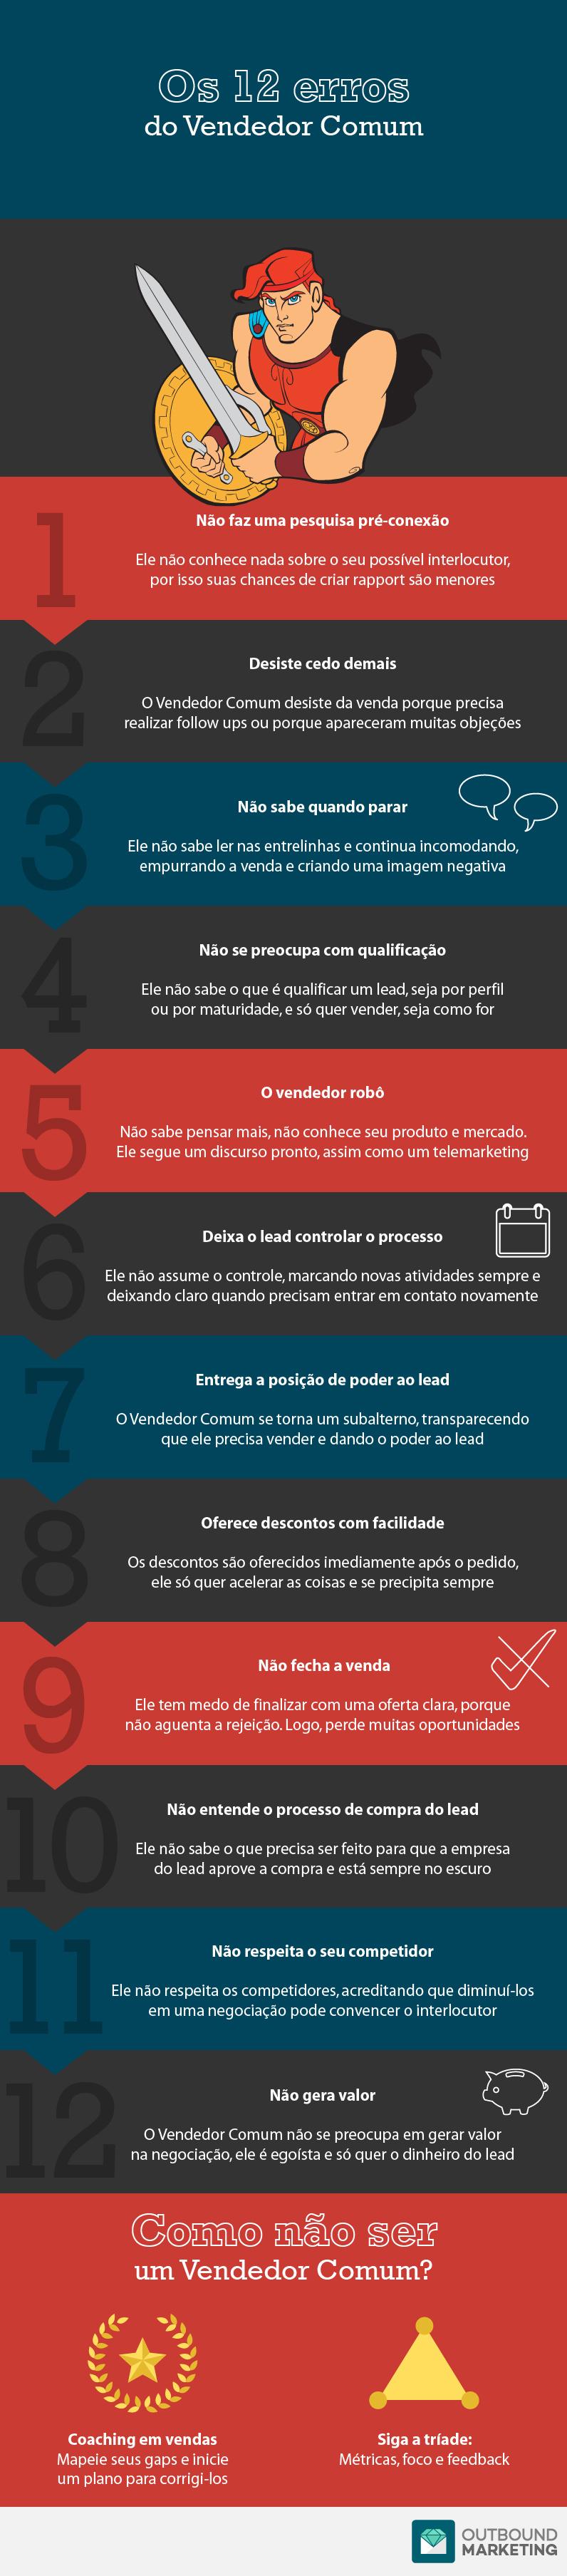 Os 12 erros do vendedor comum